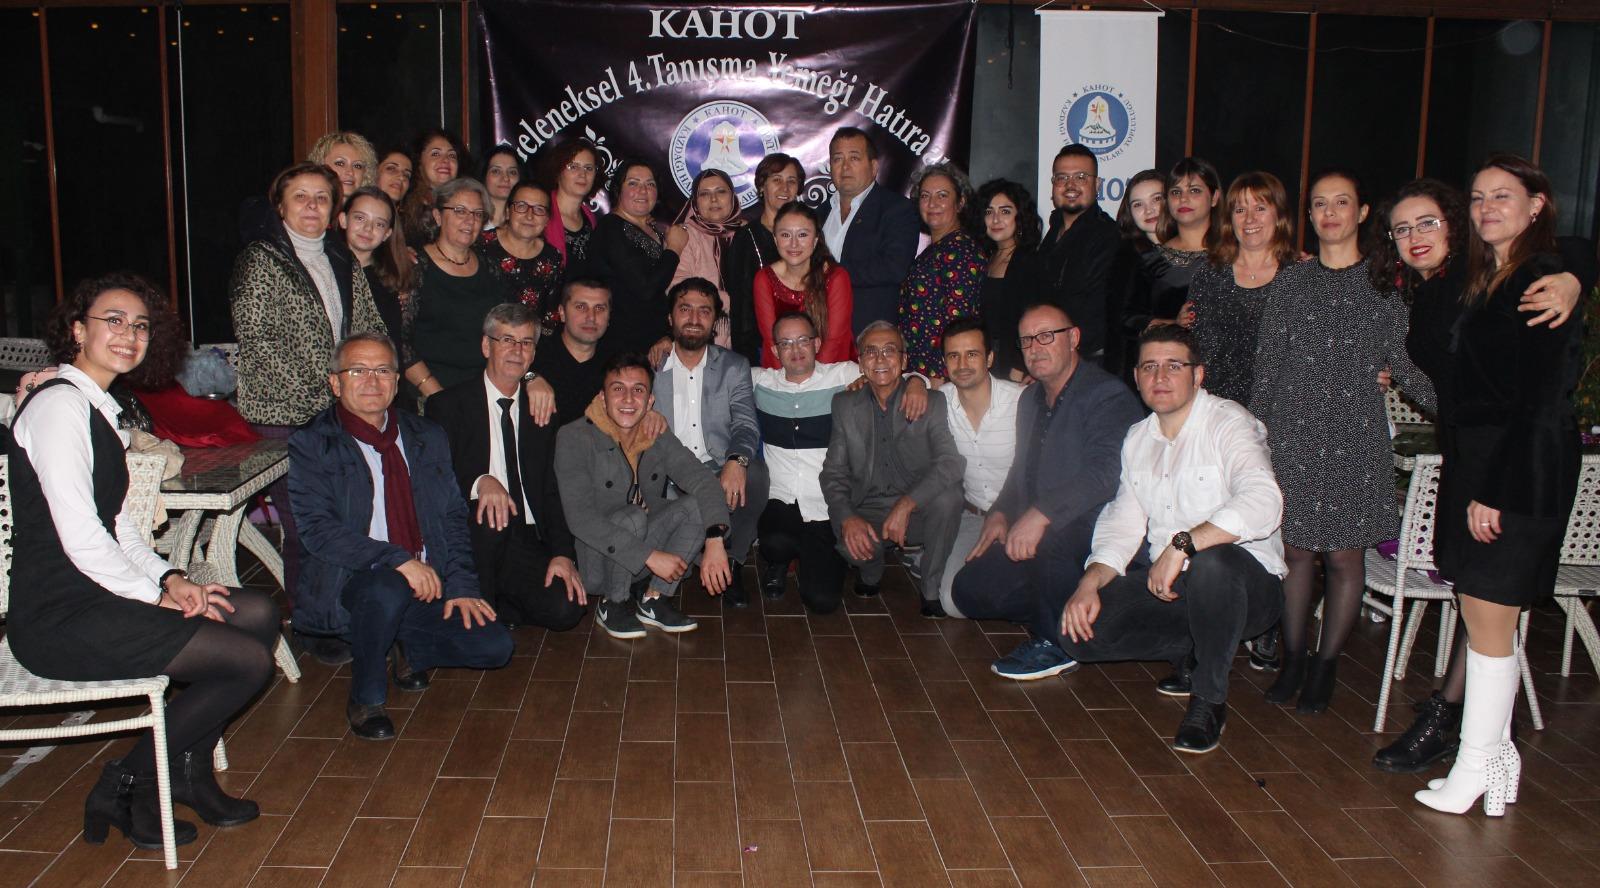 KAHOT Kazdağı Halk Oyunları Topluluğu 4. Geleneksel Tanışma Yemeği Düzenledi!